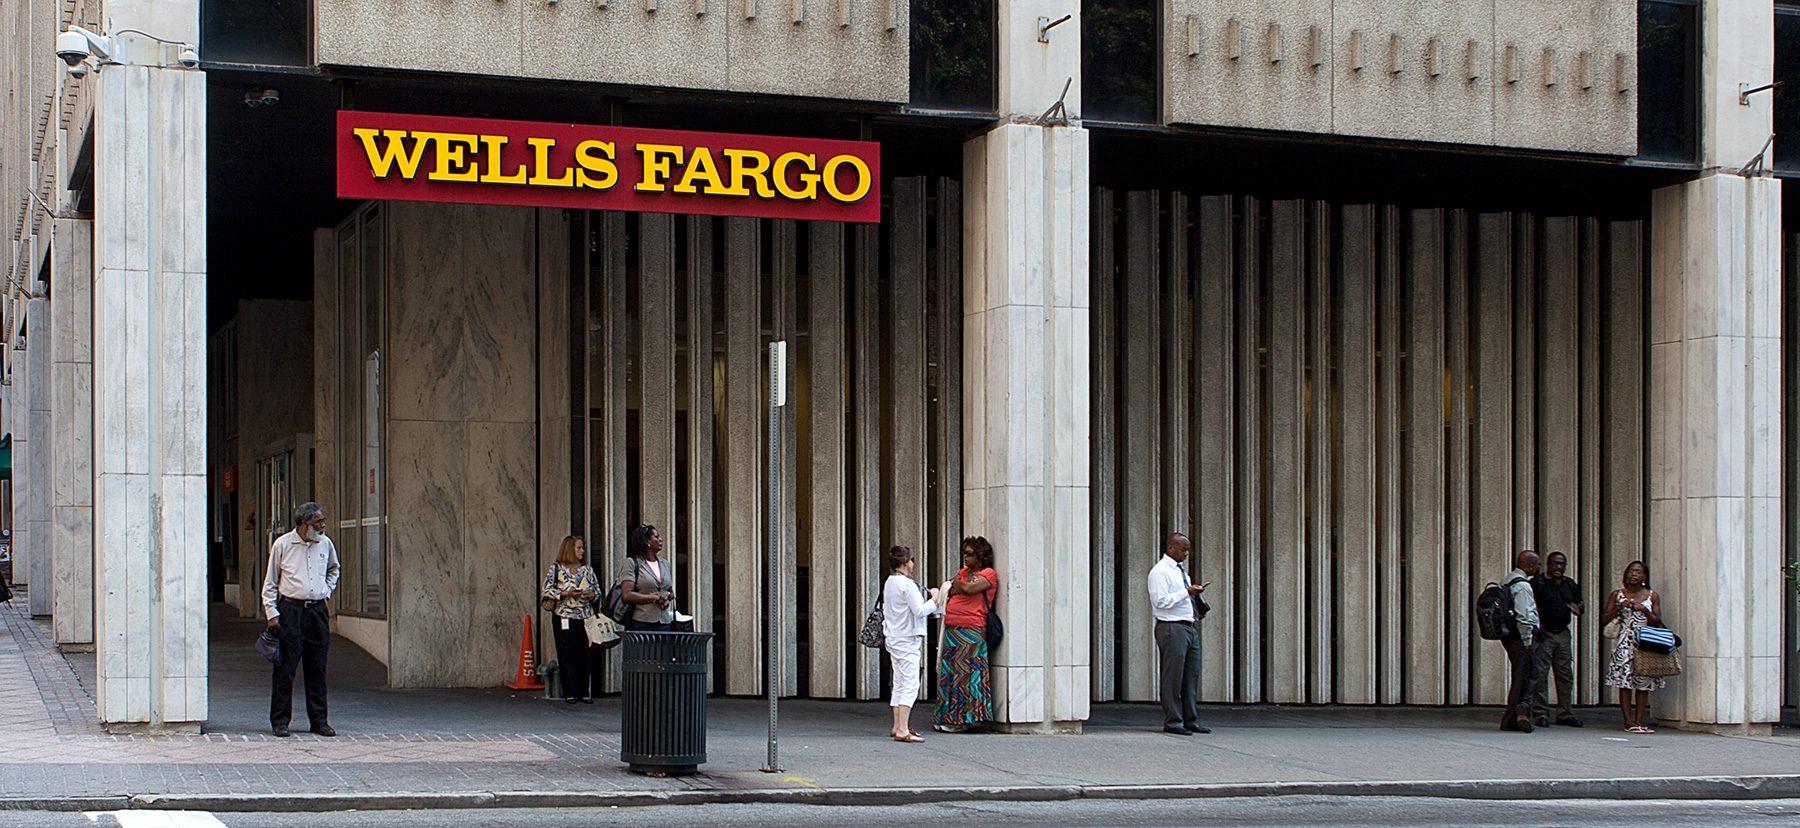 Menschen warten vor Wells Fargo auf den Bus